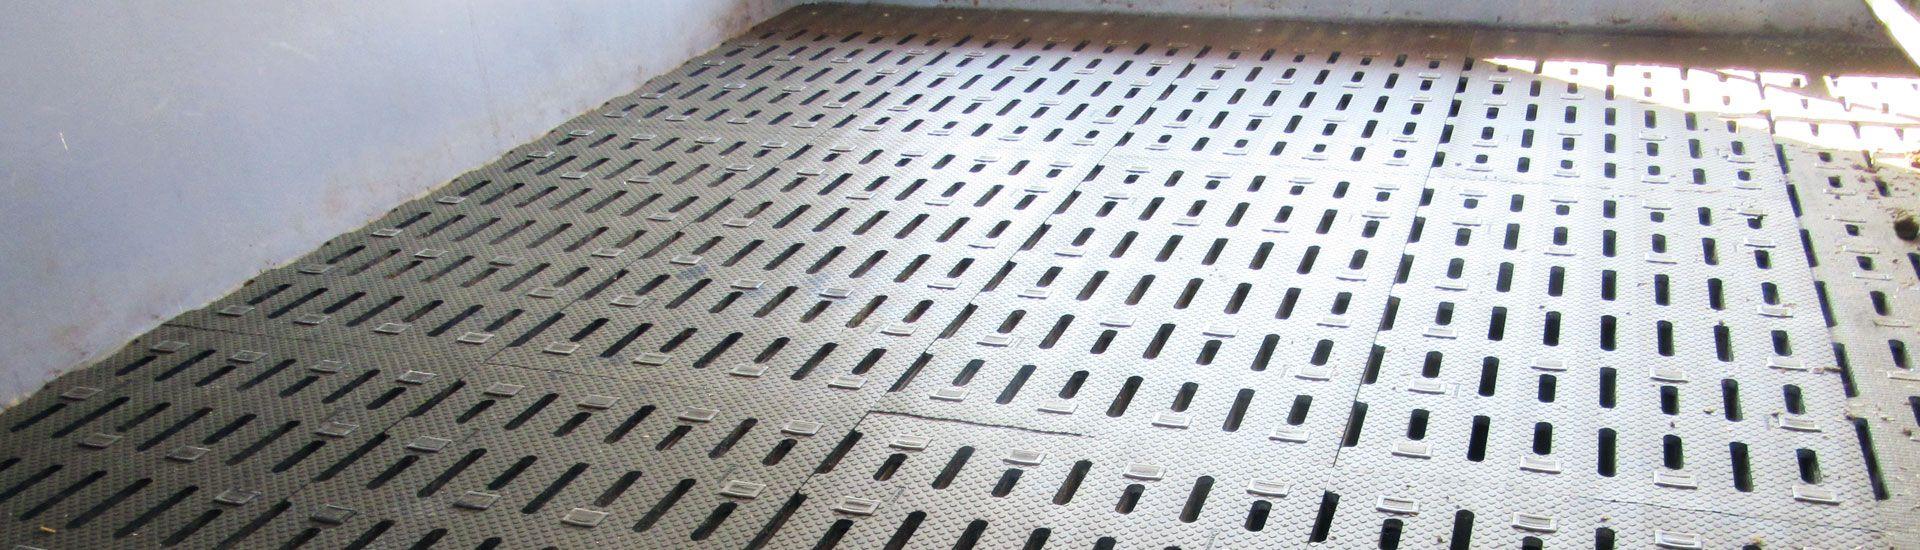 KRAIBURG Spaltenbodenauflagen aus Gummi für Rinder in Buchtenhaltung